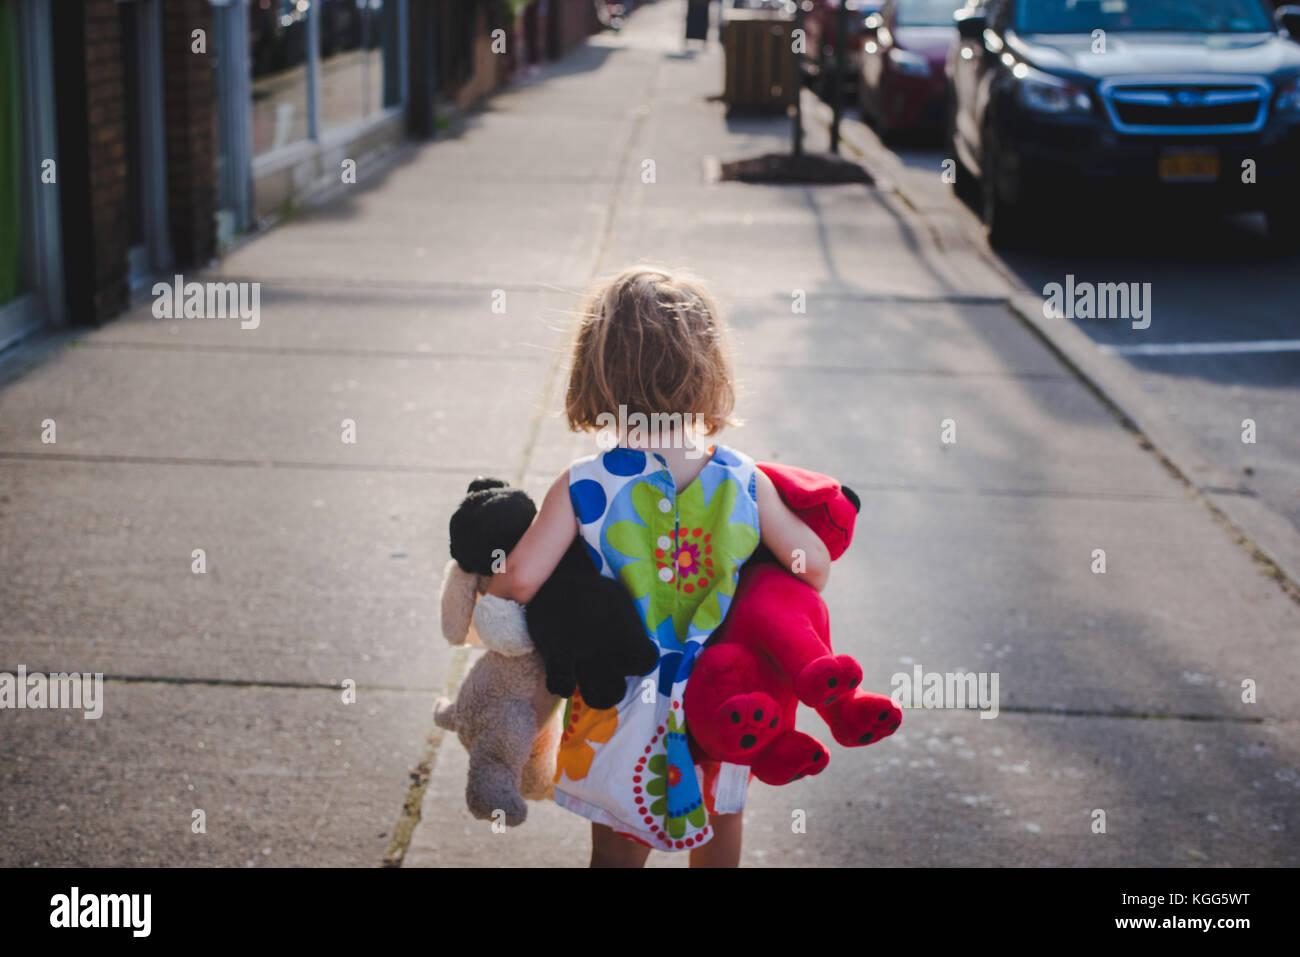 Ein kleines Mädchen geht hinunter einen Gehweg mit einer Handvoll ausgestopfte Tiere Stockbild